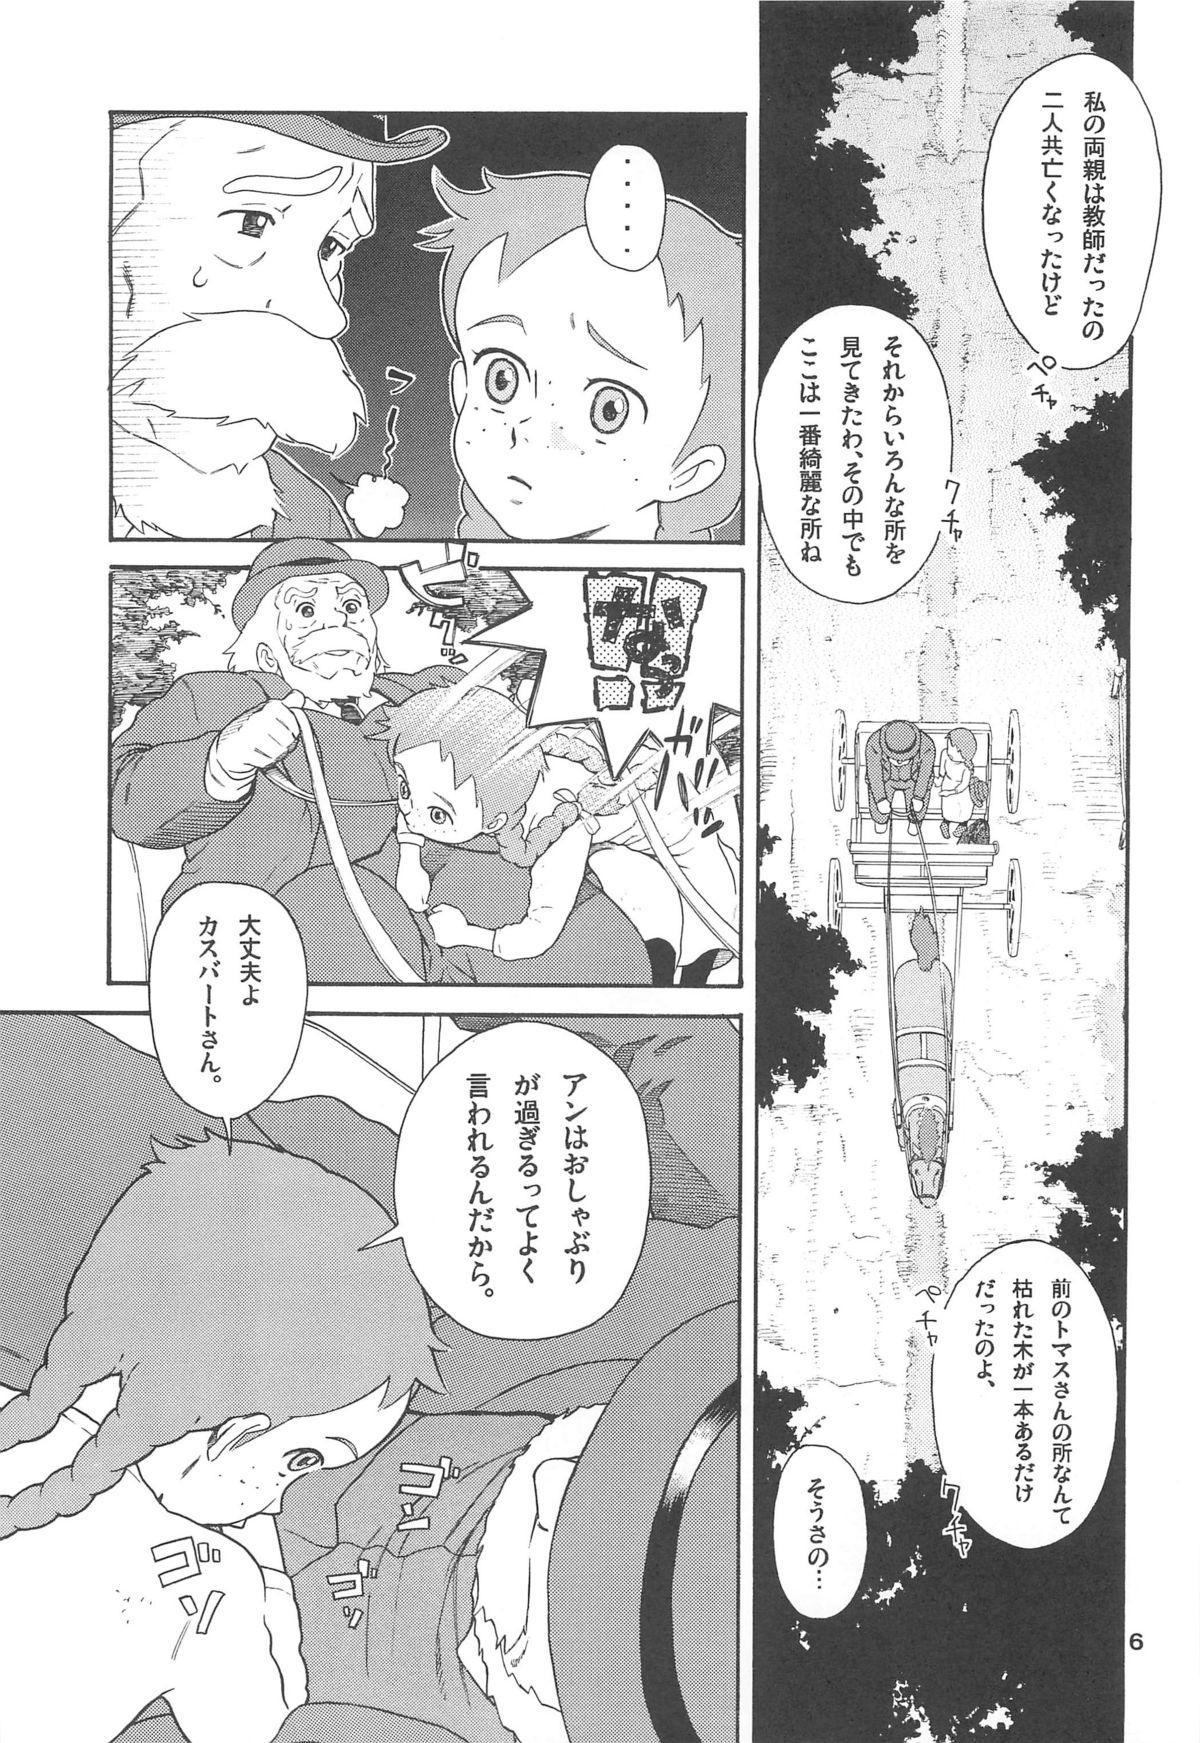 Hatch & Zukki no Sekai Meisaku Gekijou 5